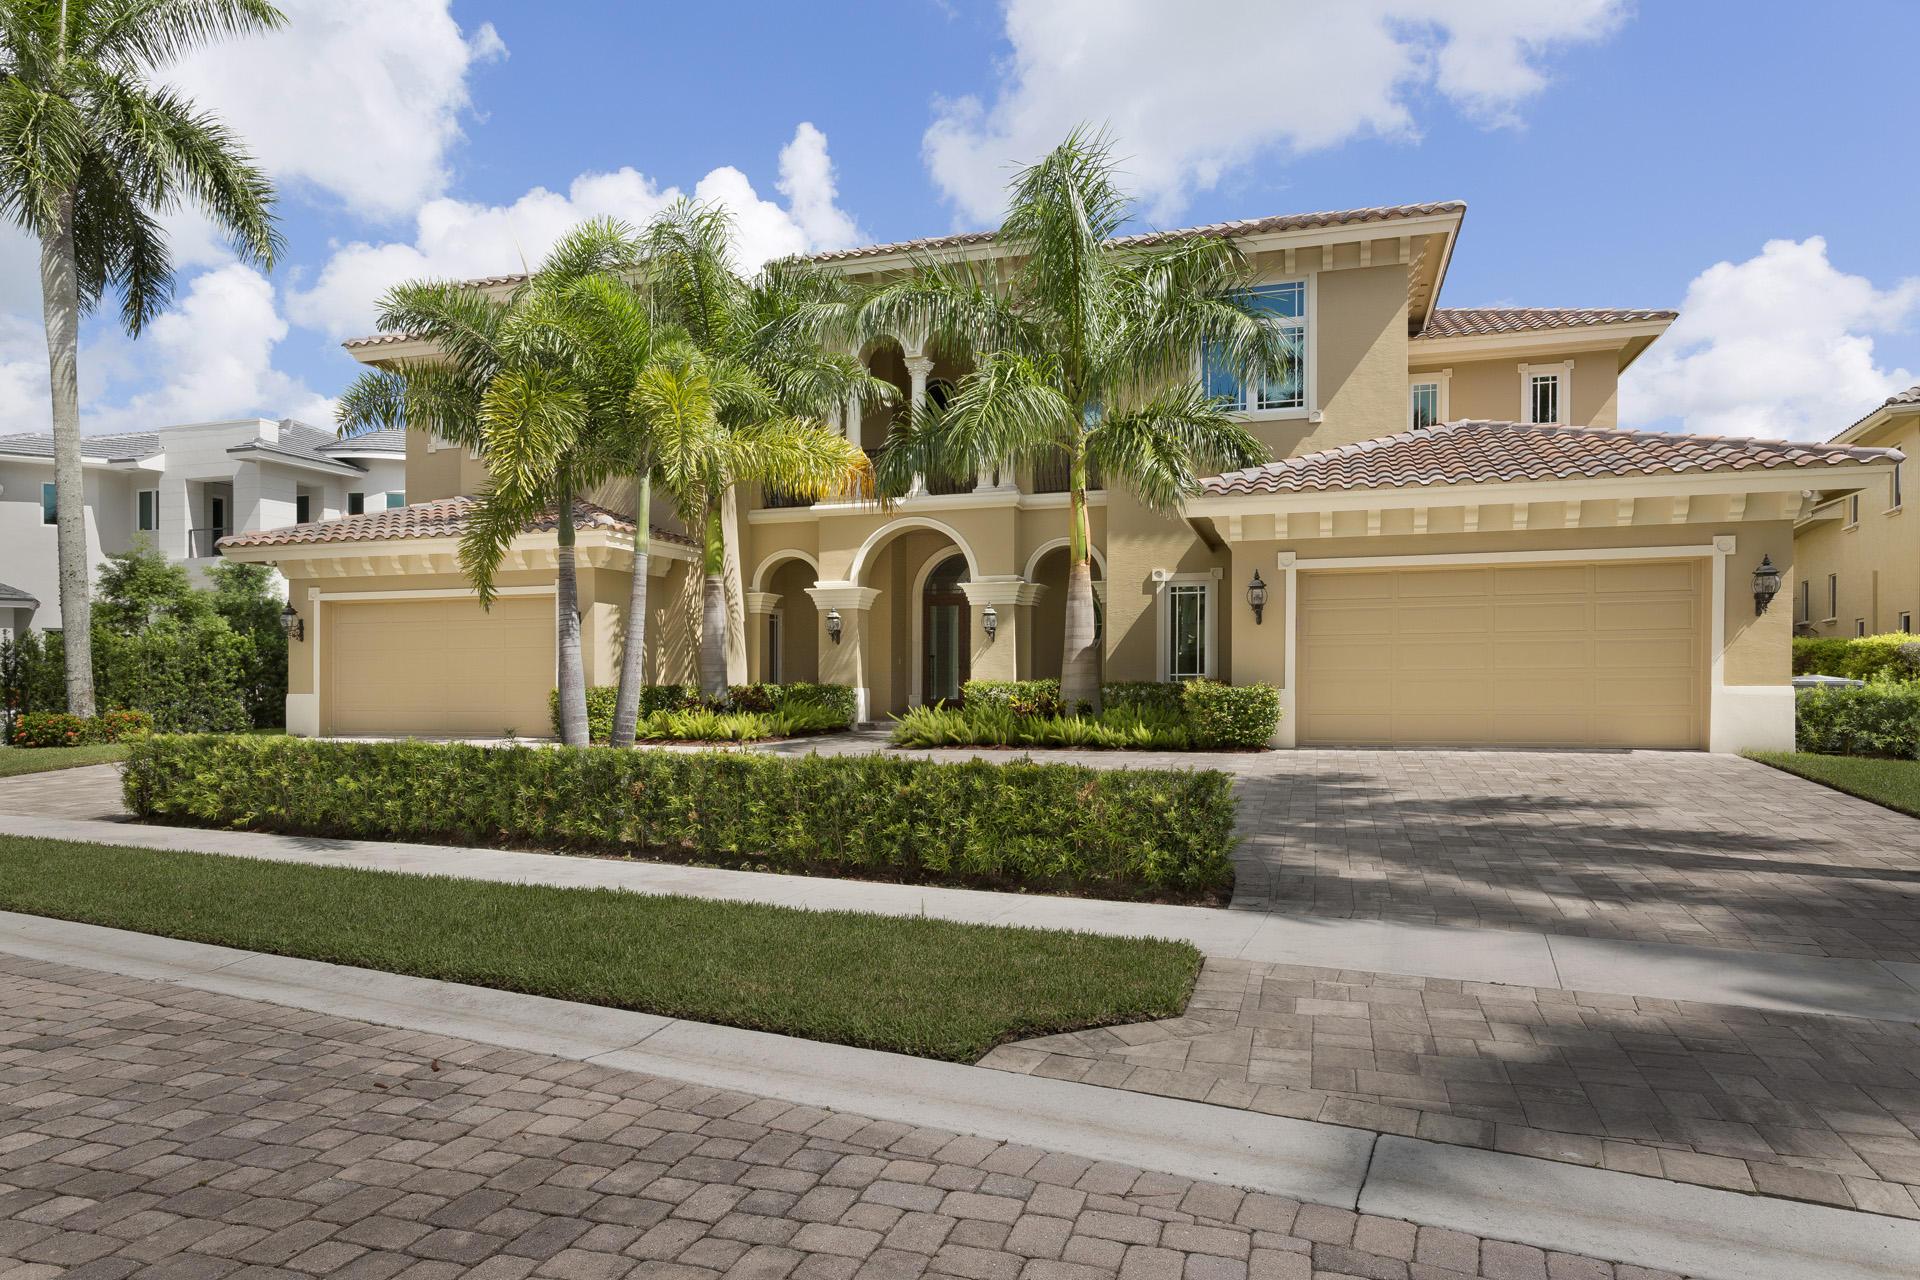 17114  Avenue Le Rivage   For Sale 10463685, FL